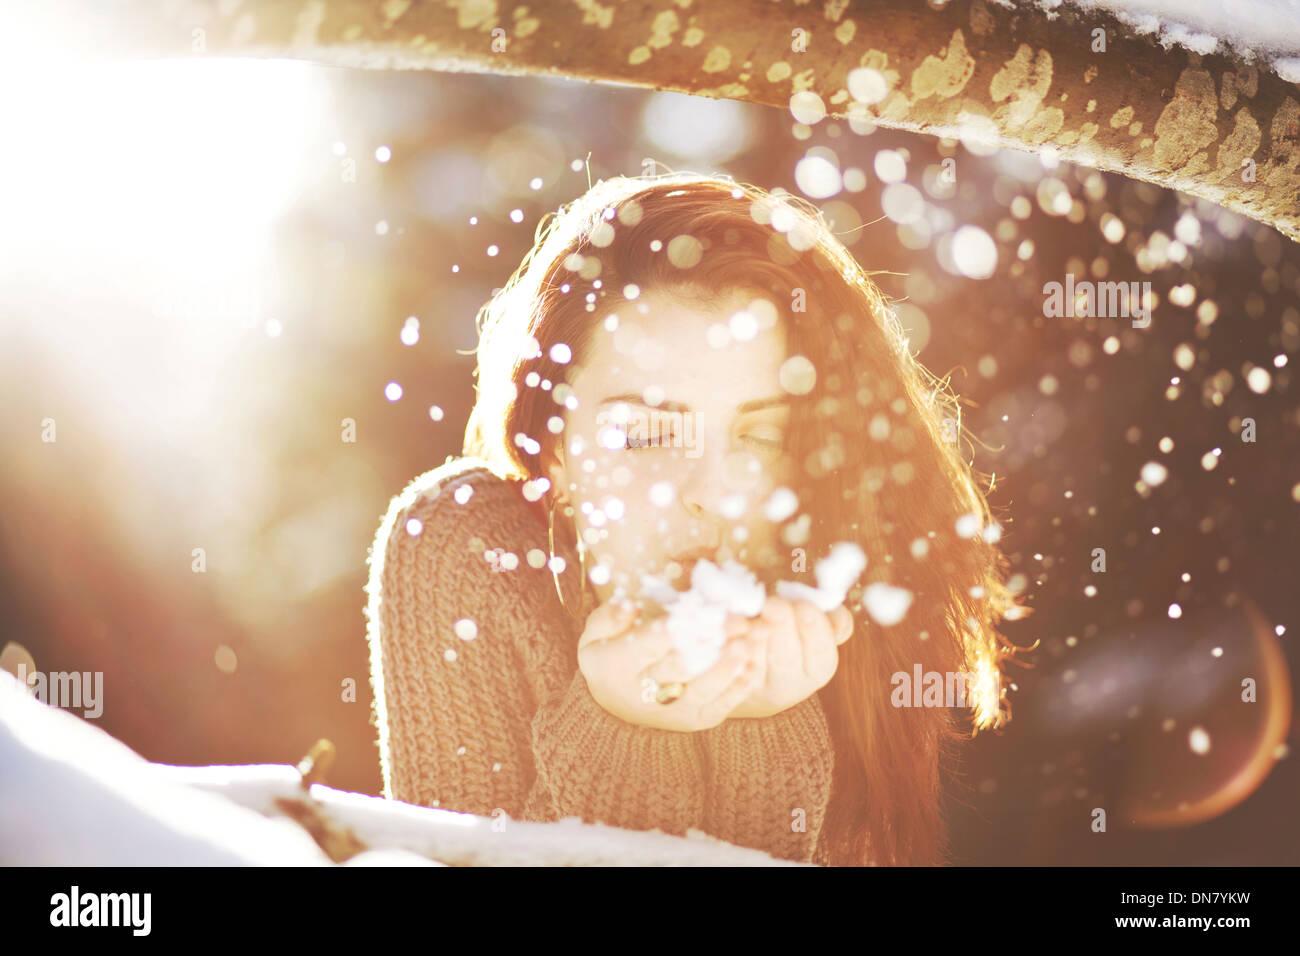 Porträt einer jungen Frau im Schnee bei Gegenlicht Einschränkungen: dieses Bild hat zusätzliche Einschränkungen. Bitte kontaktieren Sie uns. Stockbild